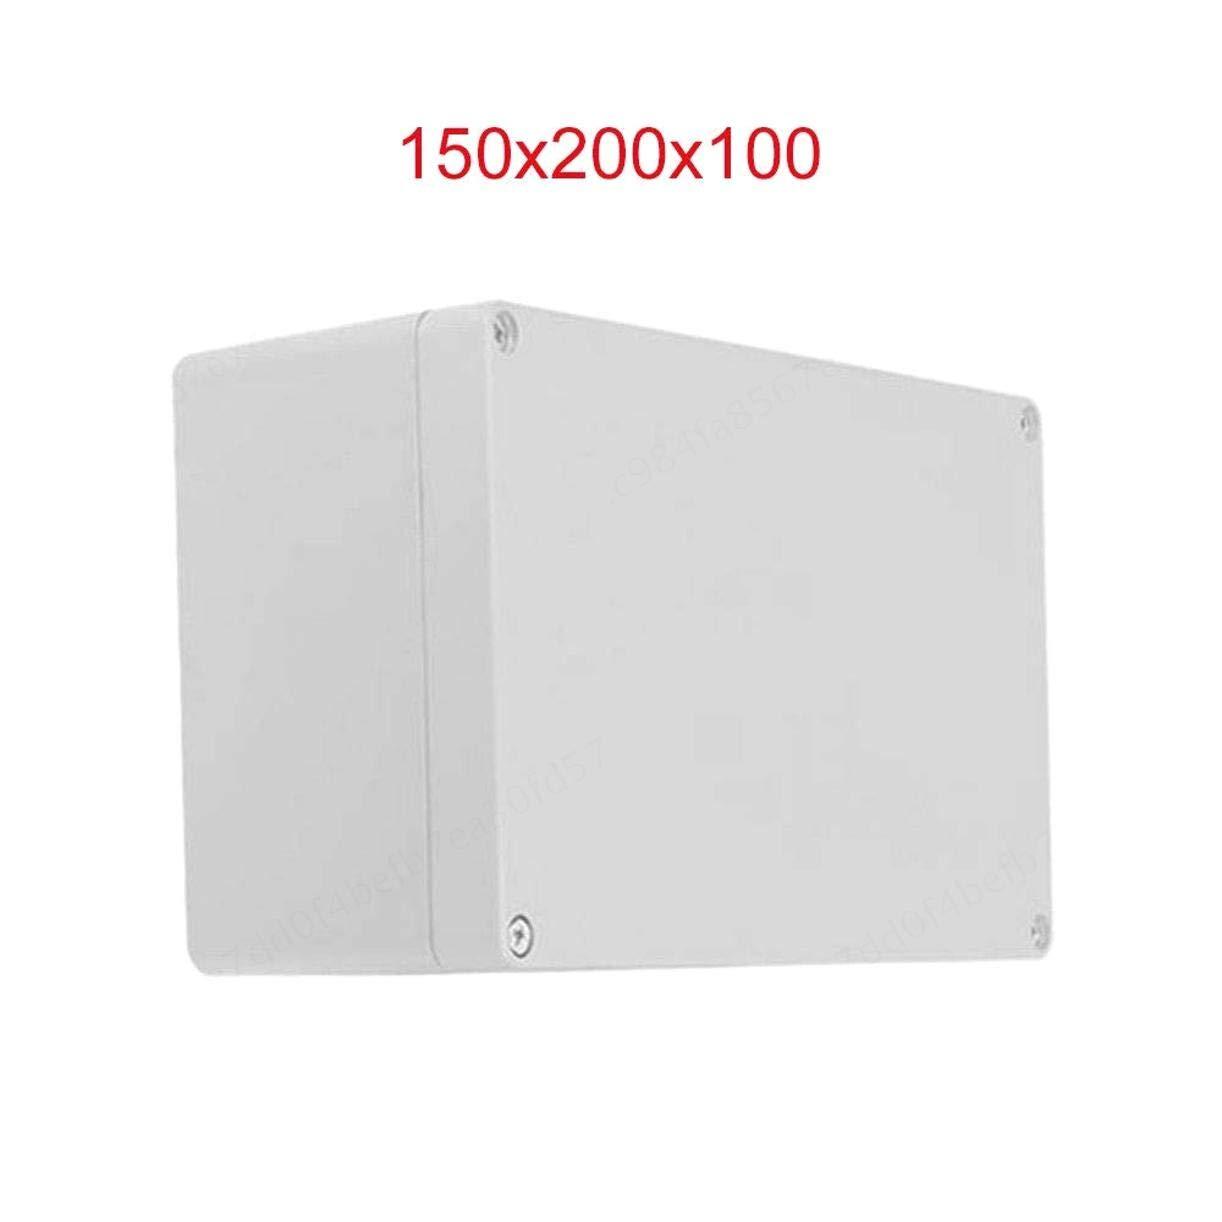 70 IP65 ABS Bianco Resistente alle intemperie allaperto 110 COMEYOU Contenitore di plastica Contenitore Esterno Scatola di Giunzione di Alimentazione Completa di connettore 80